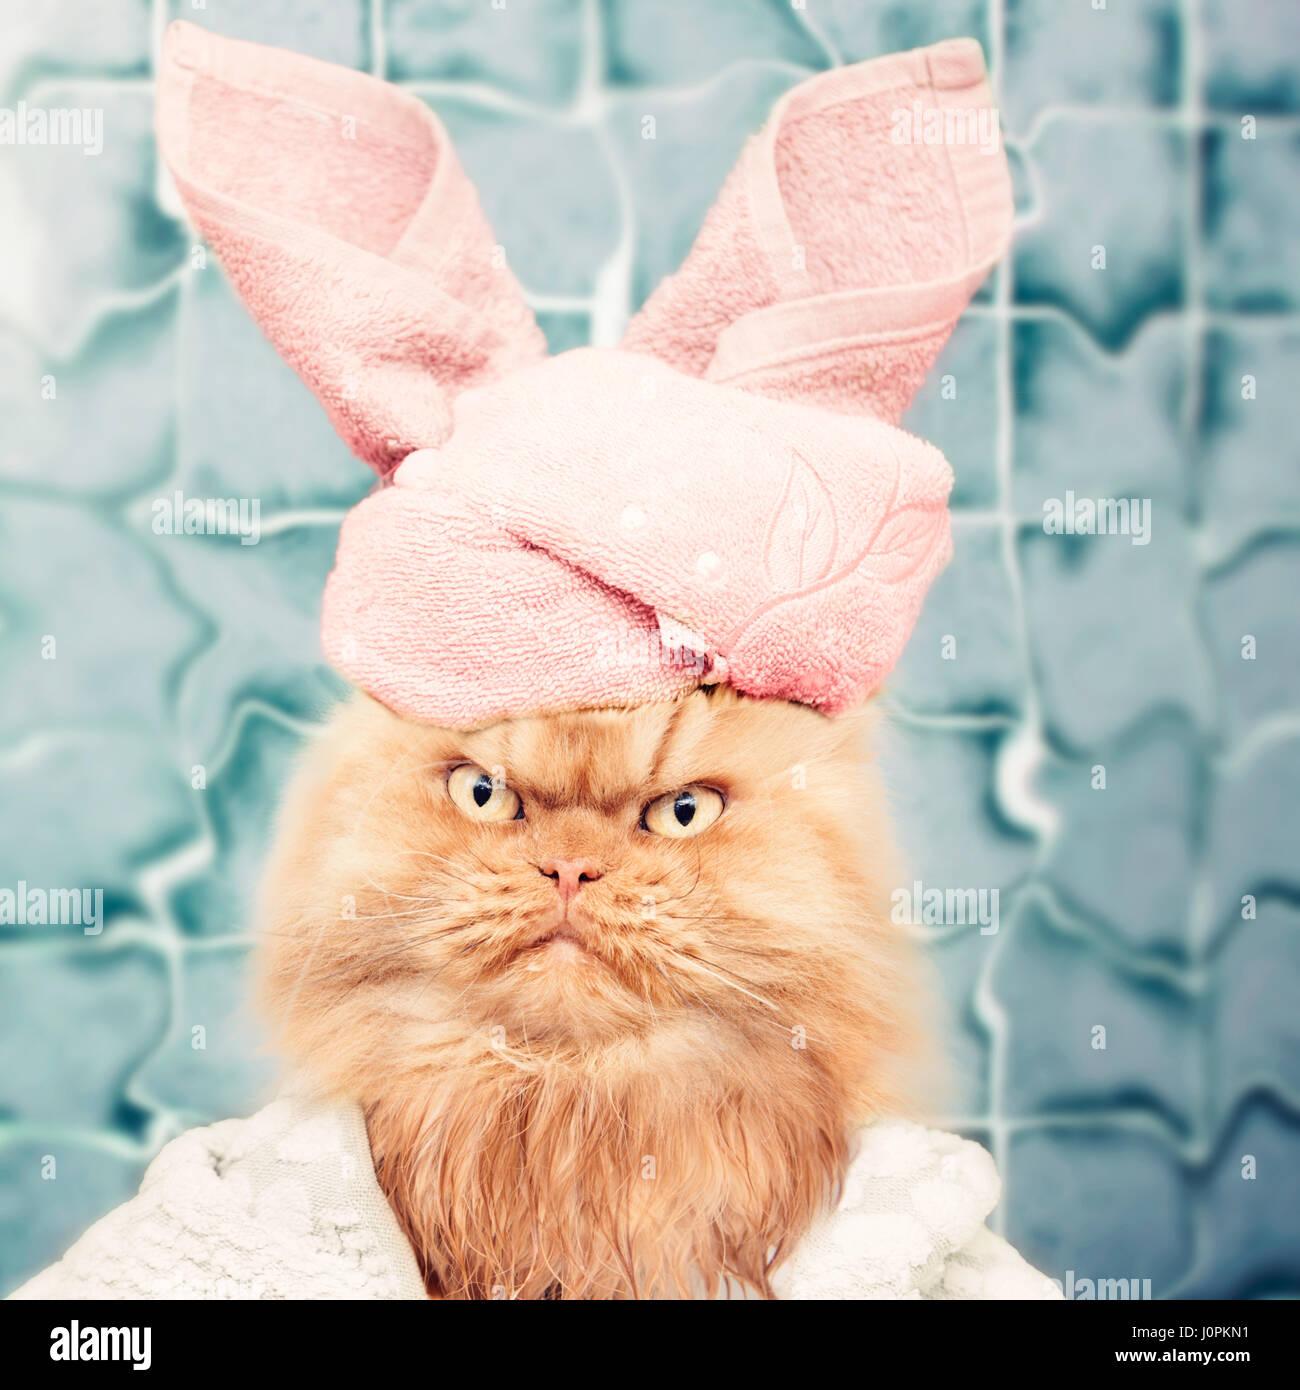 Gato persa después del baño Imagen De Stock